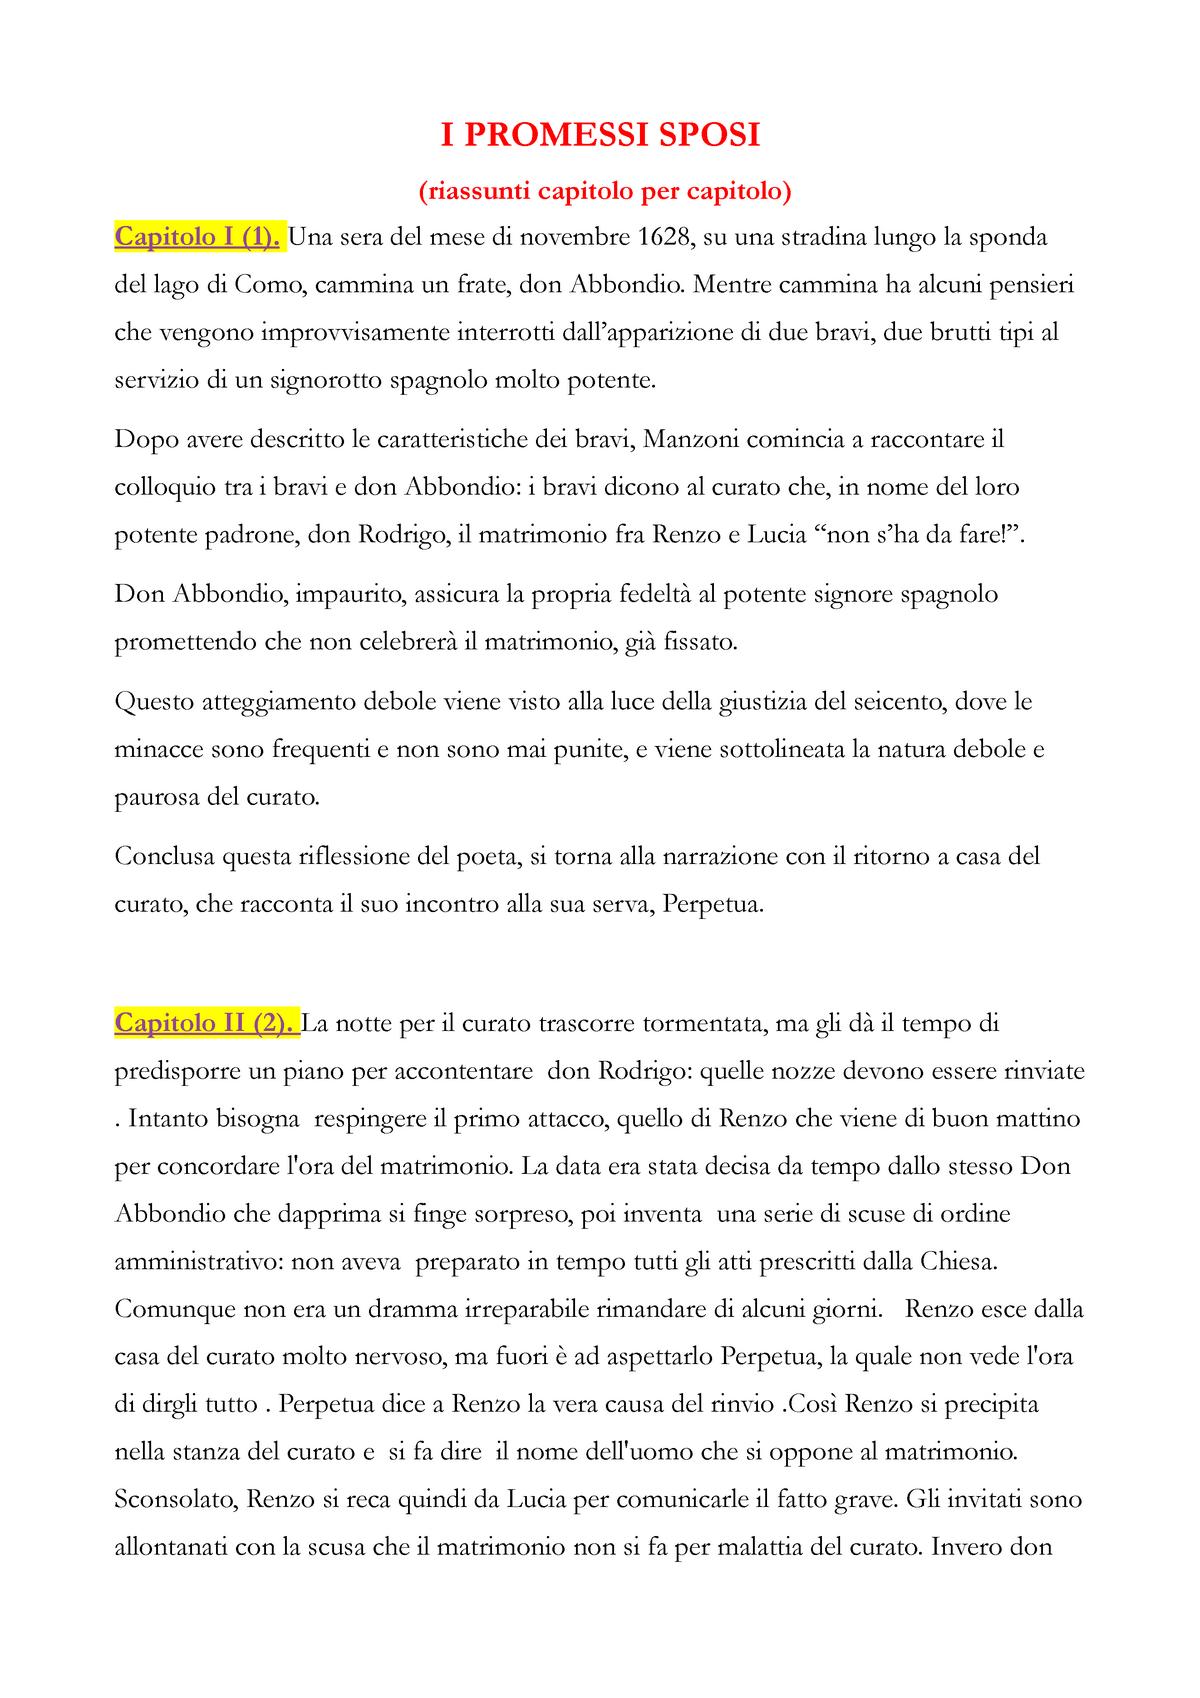 Riassunto-Promessi-Sposi - 10/10/10 - StuDocu